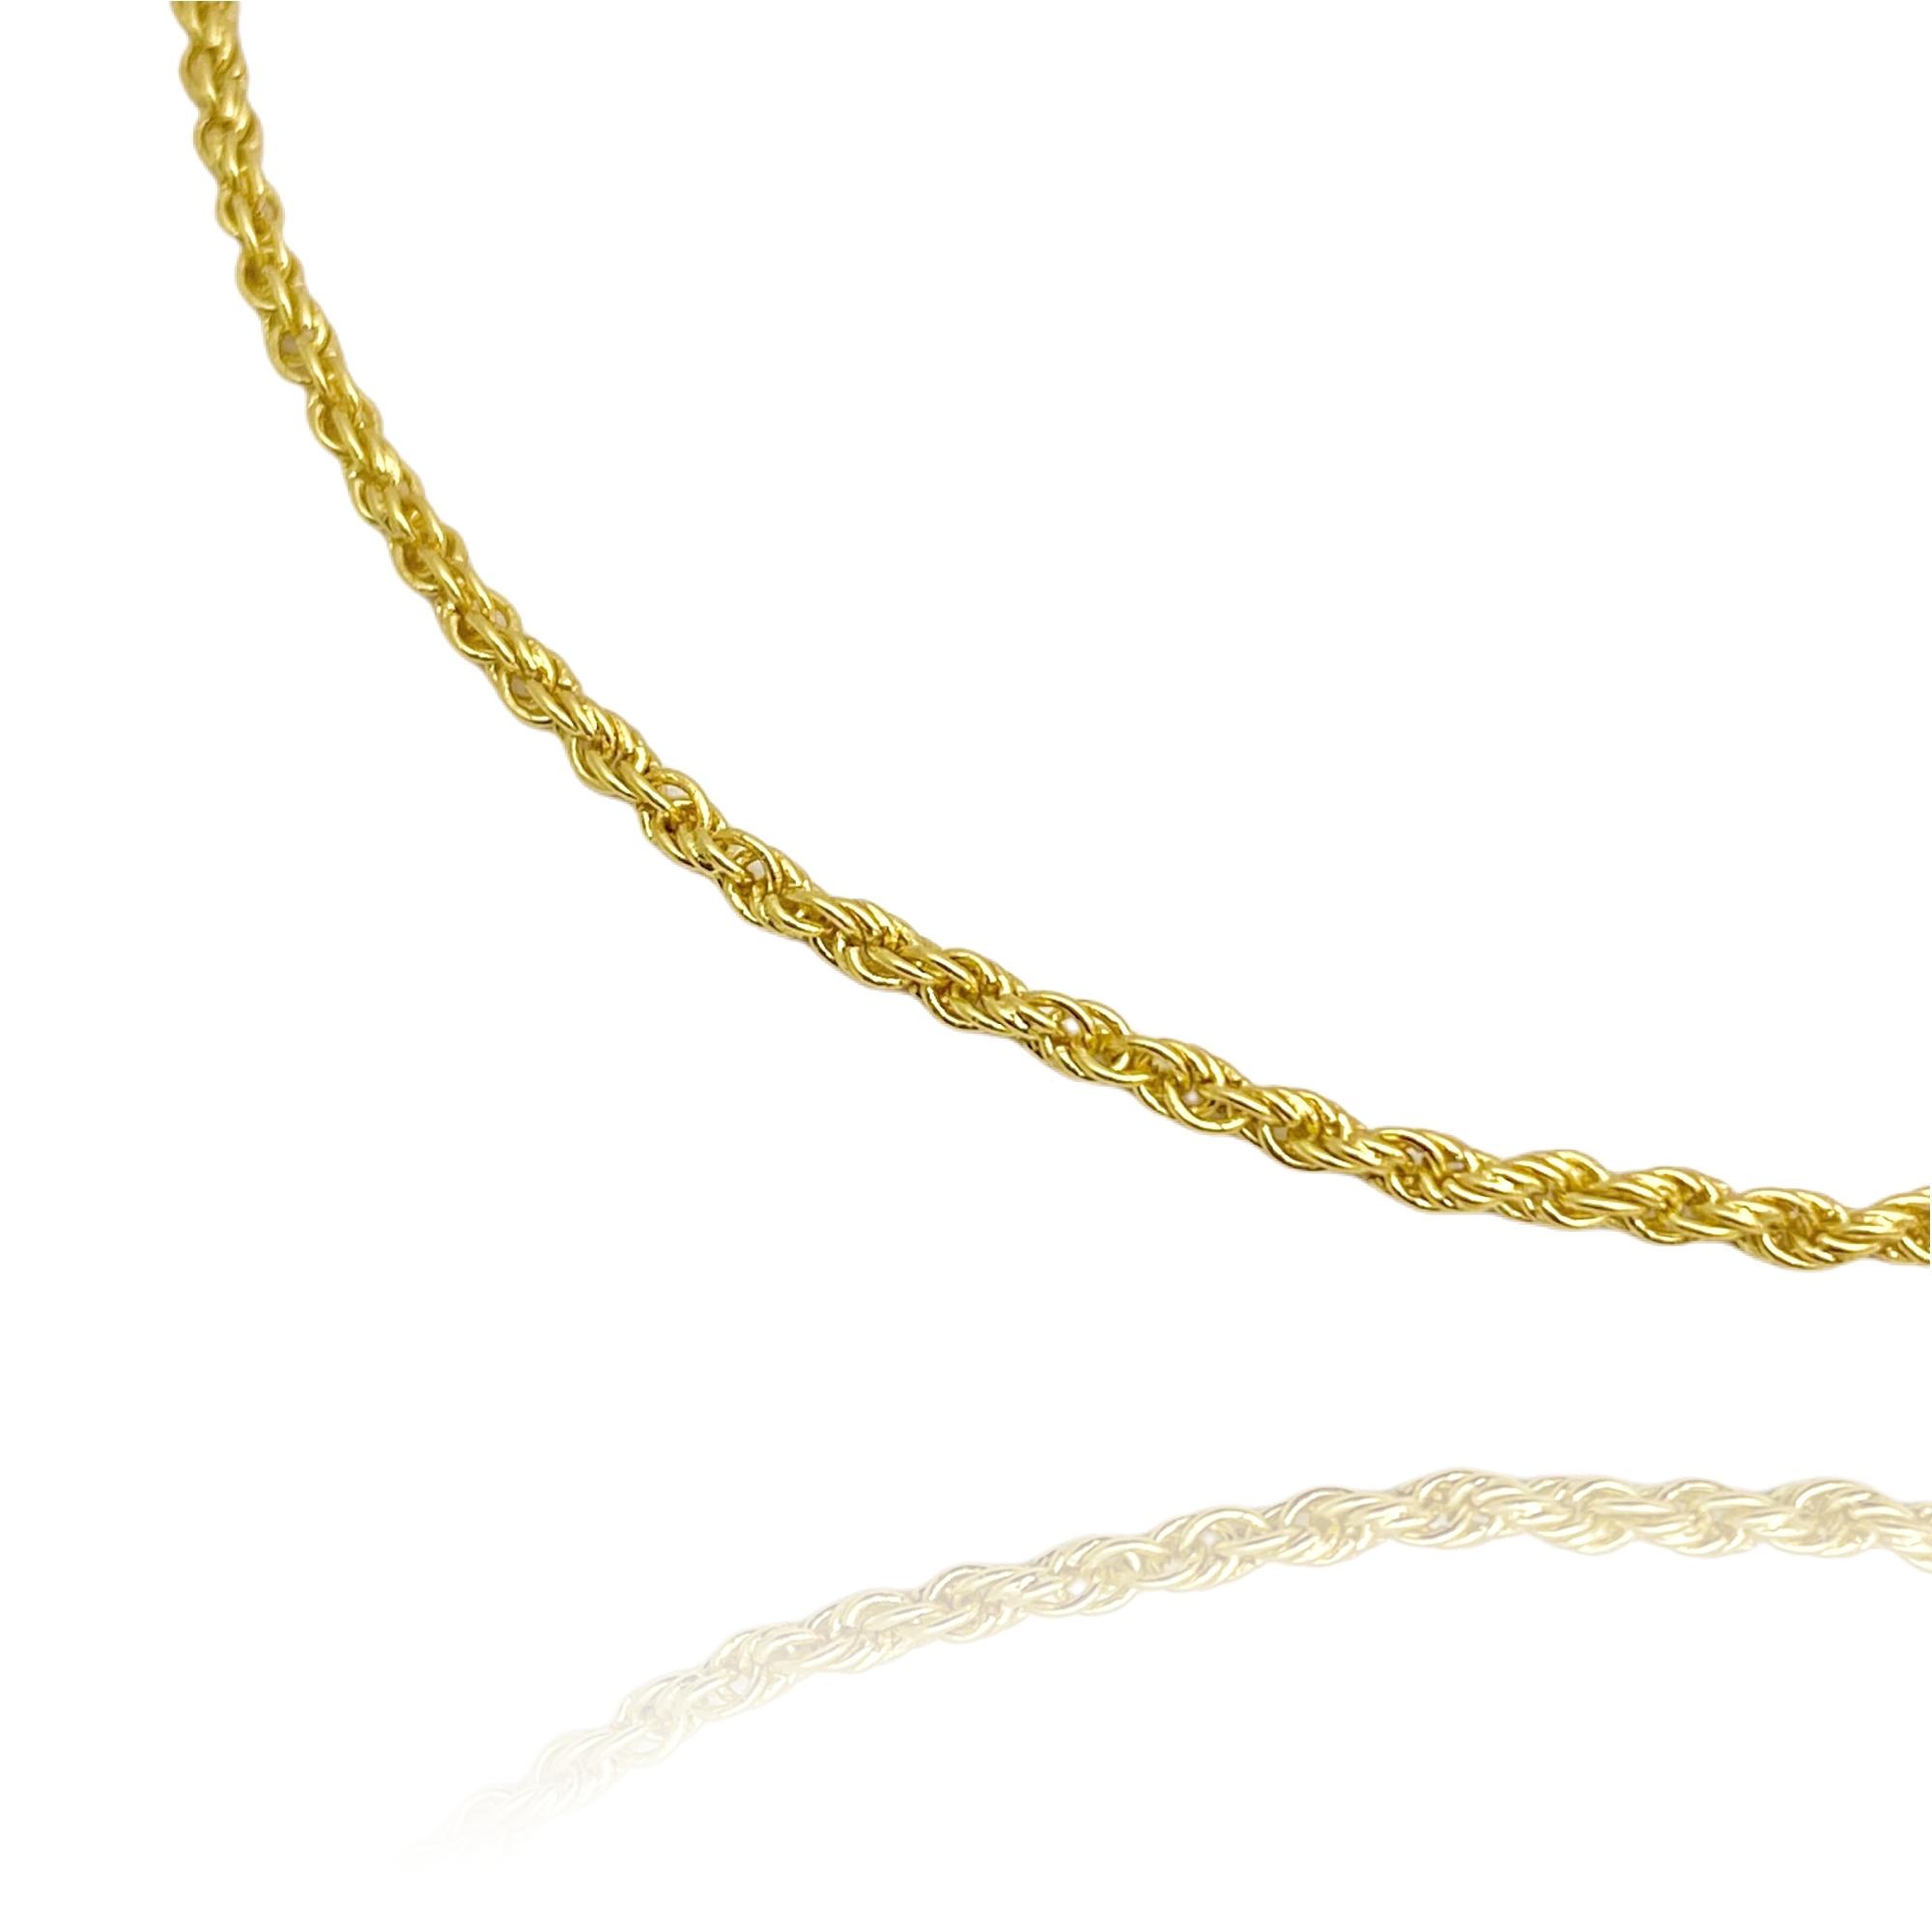 Pulseira Cordão Baiano 1,5mm (Fecho Tradicional) (Banho Ouro 24k)